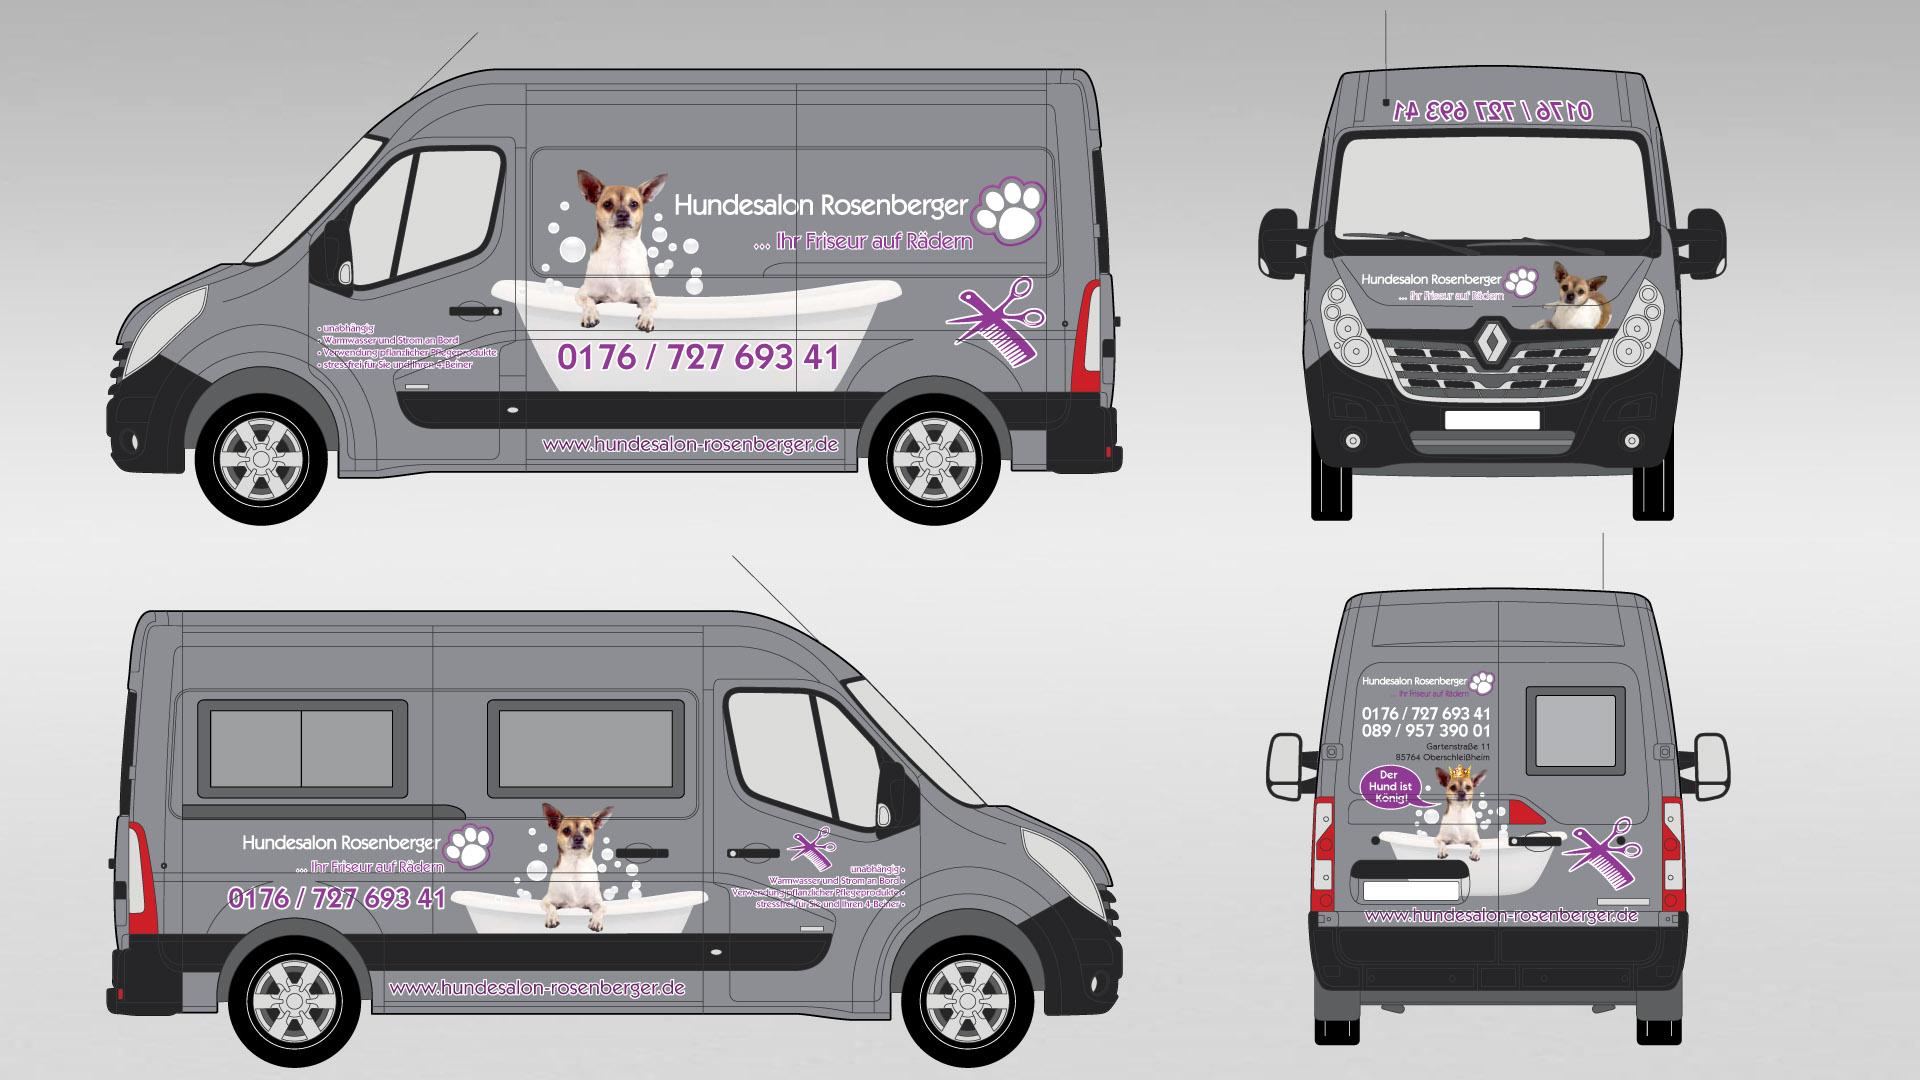 Hundesalon Rosenberger - Konzept und Design - Fahrzeugfolierung Renault Master